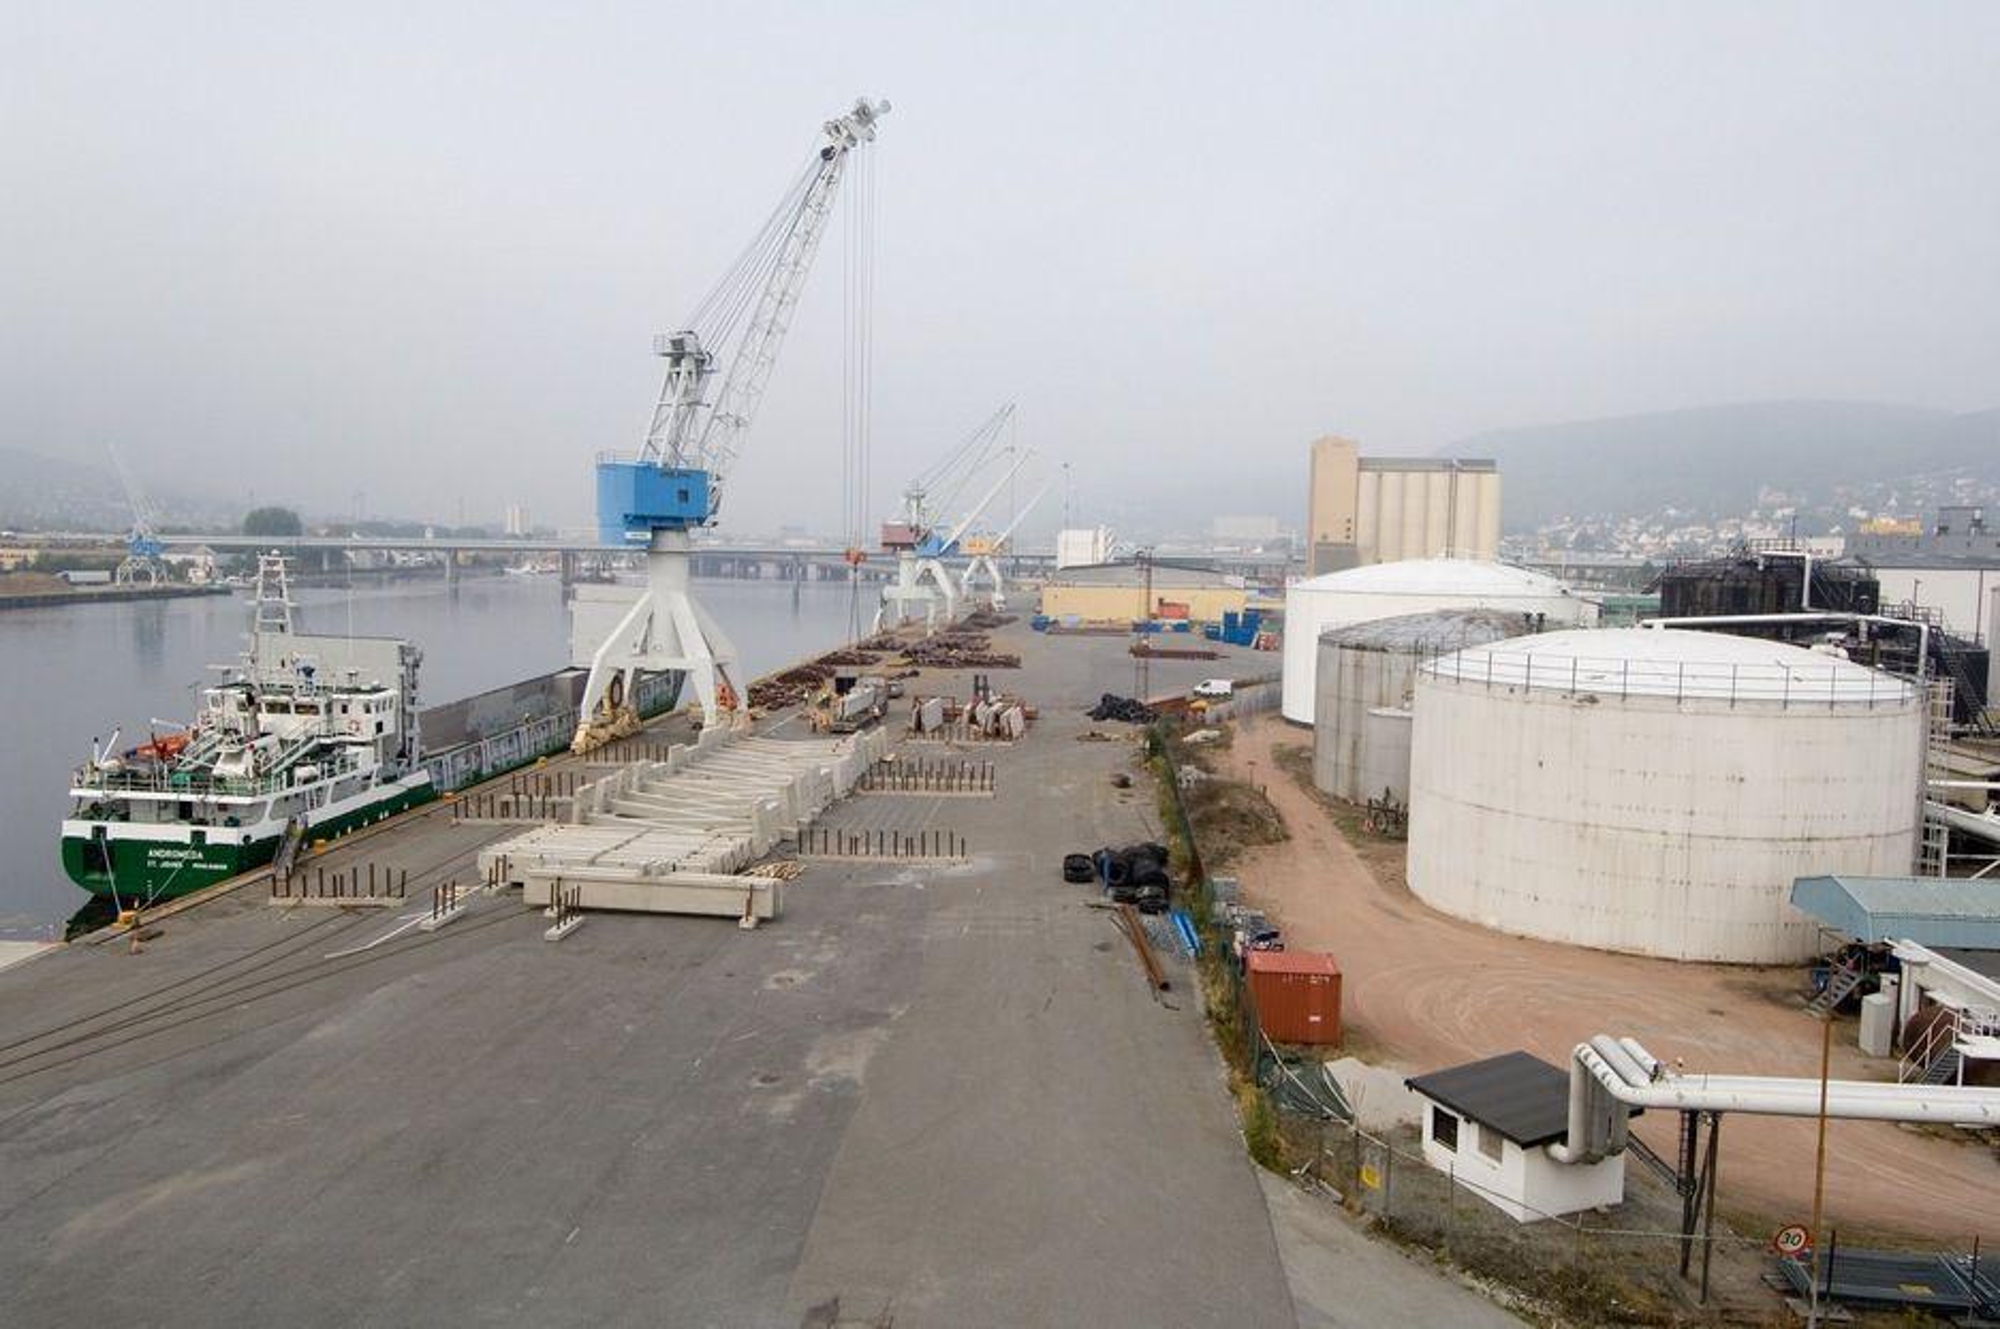 KNUTEPUNKT: Havner og kaianlegg må tilrettelegges for enkel overføring av gods mellom skip, tog og kjøretøy. Drammen Havn satser på slik knutepunktutvikling.